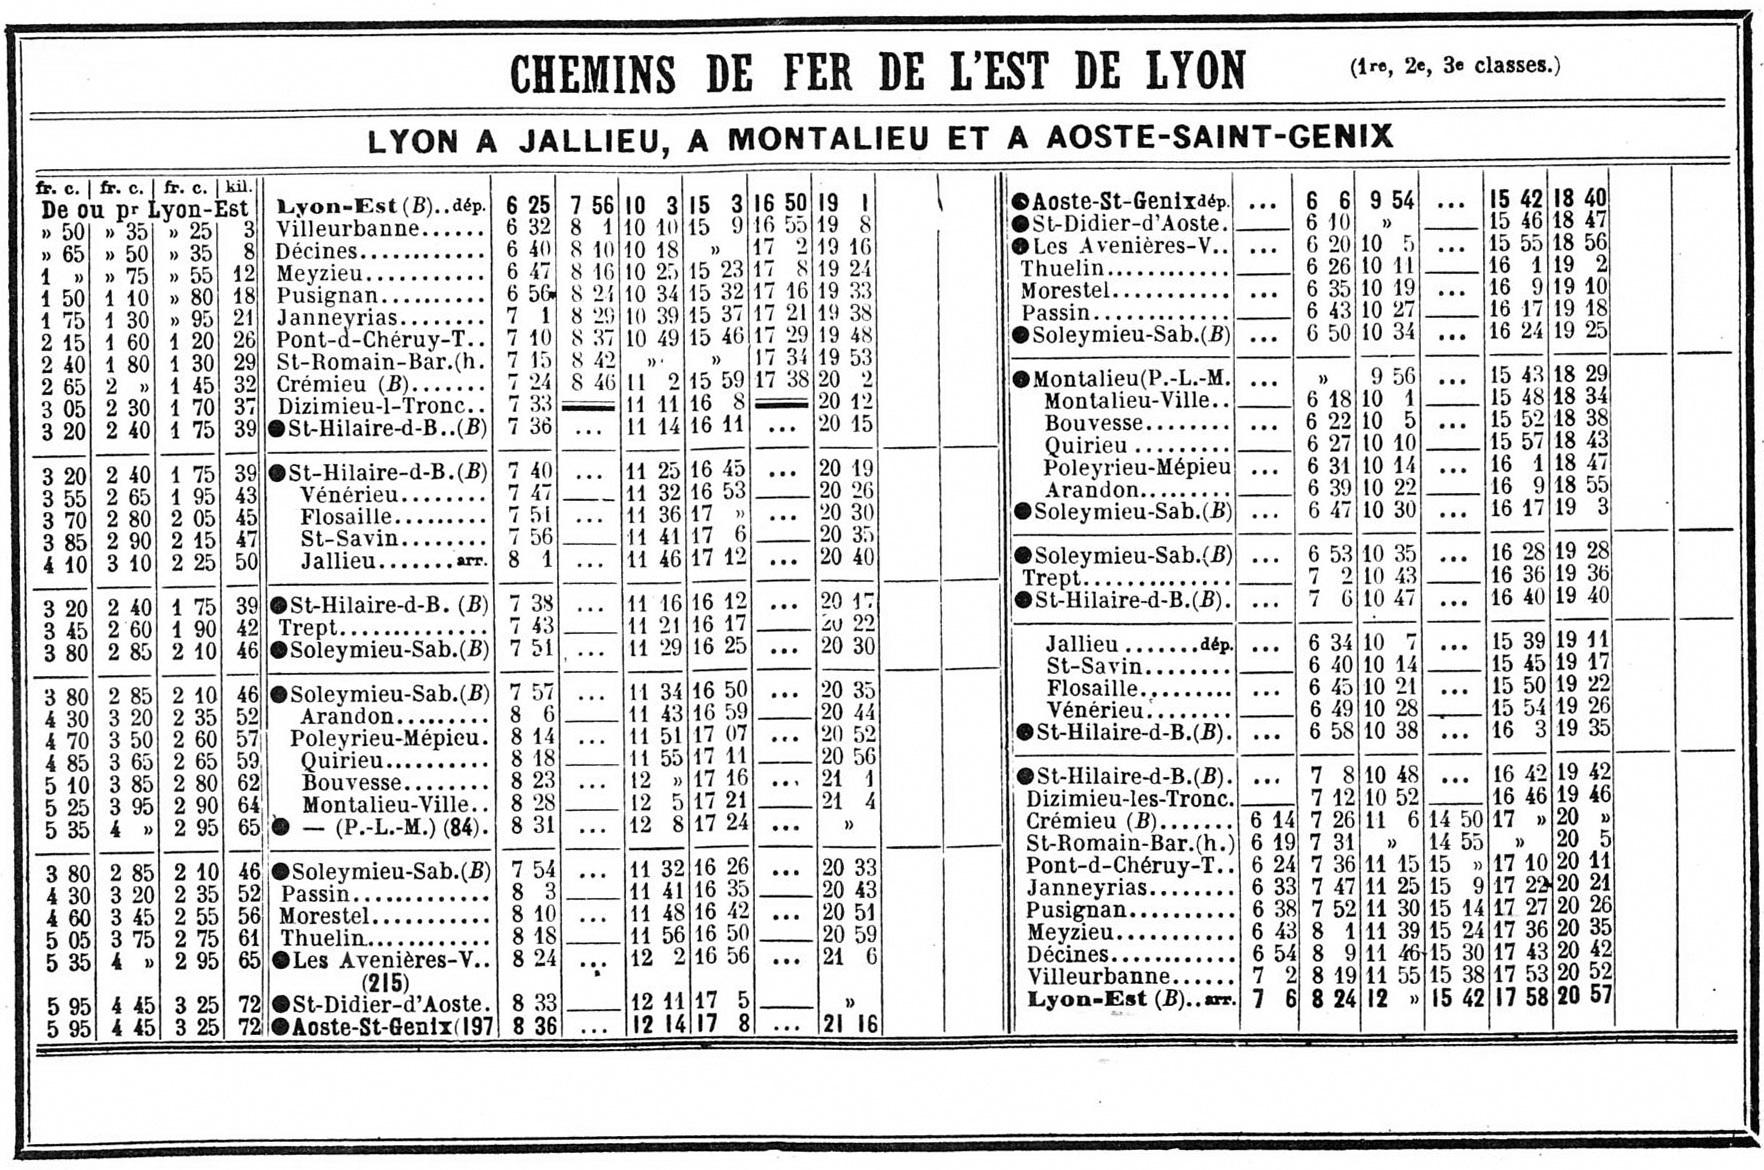 4_Chaix_1914_Chemin_de_fer_de_lEst_Lyonnais